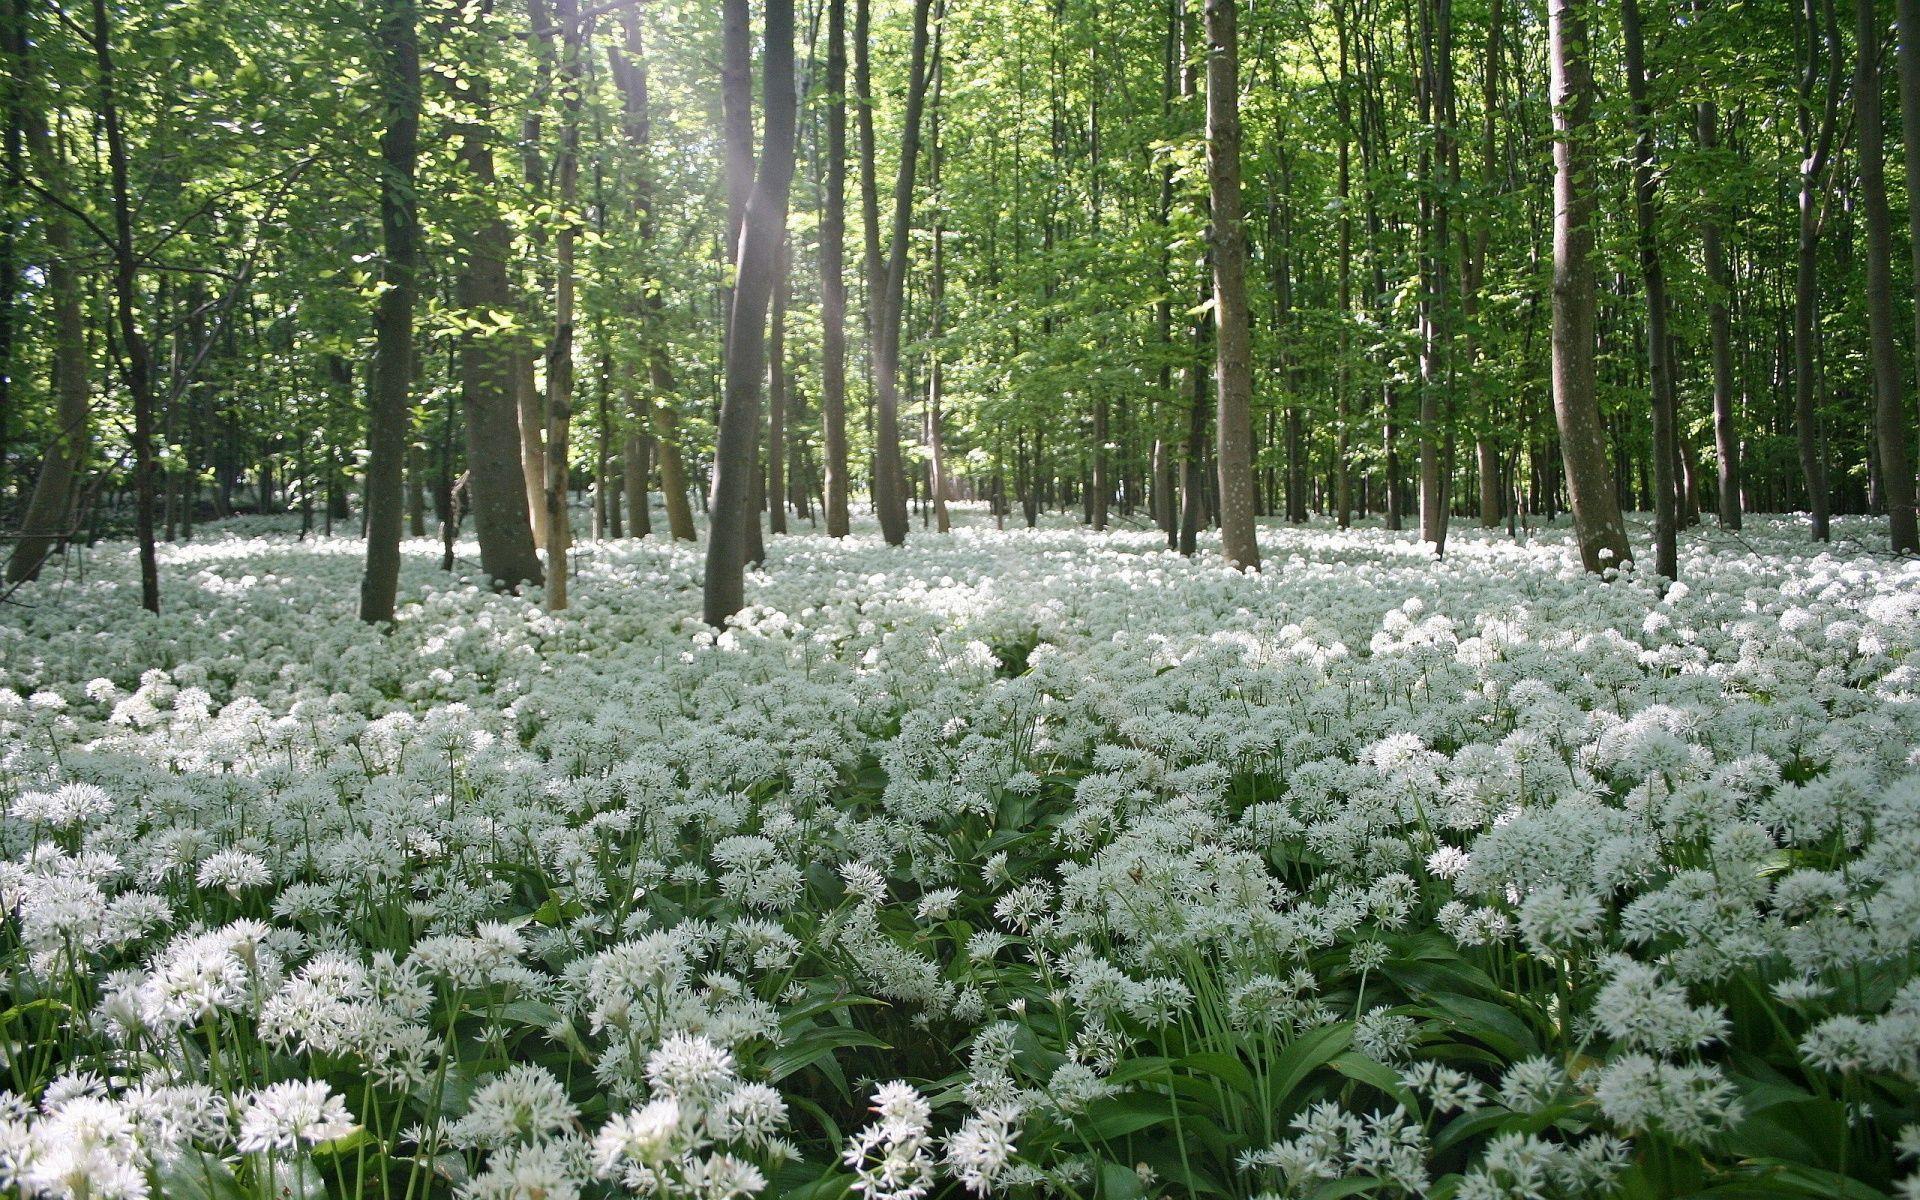 Forest Flowers Field